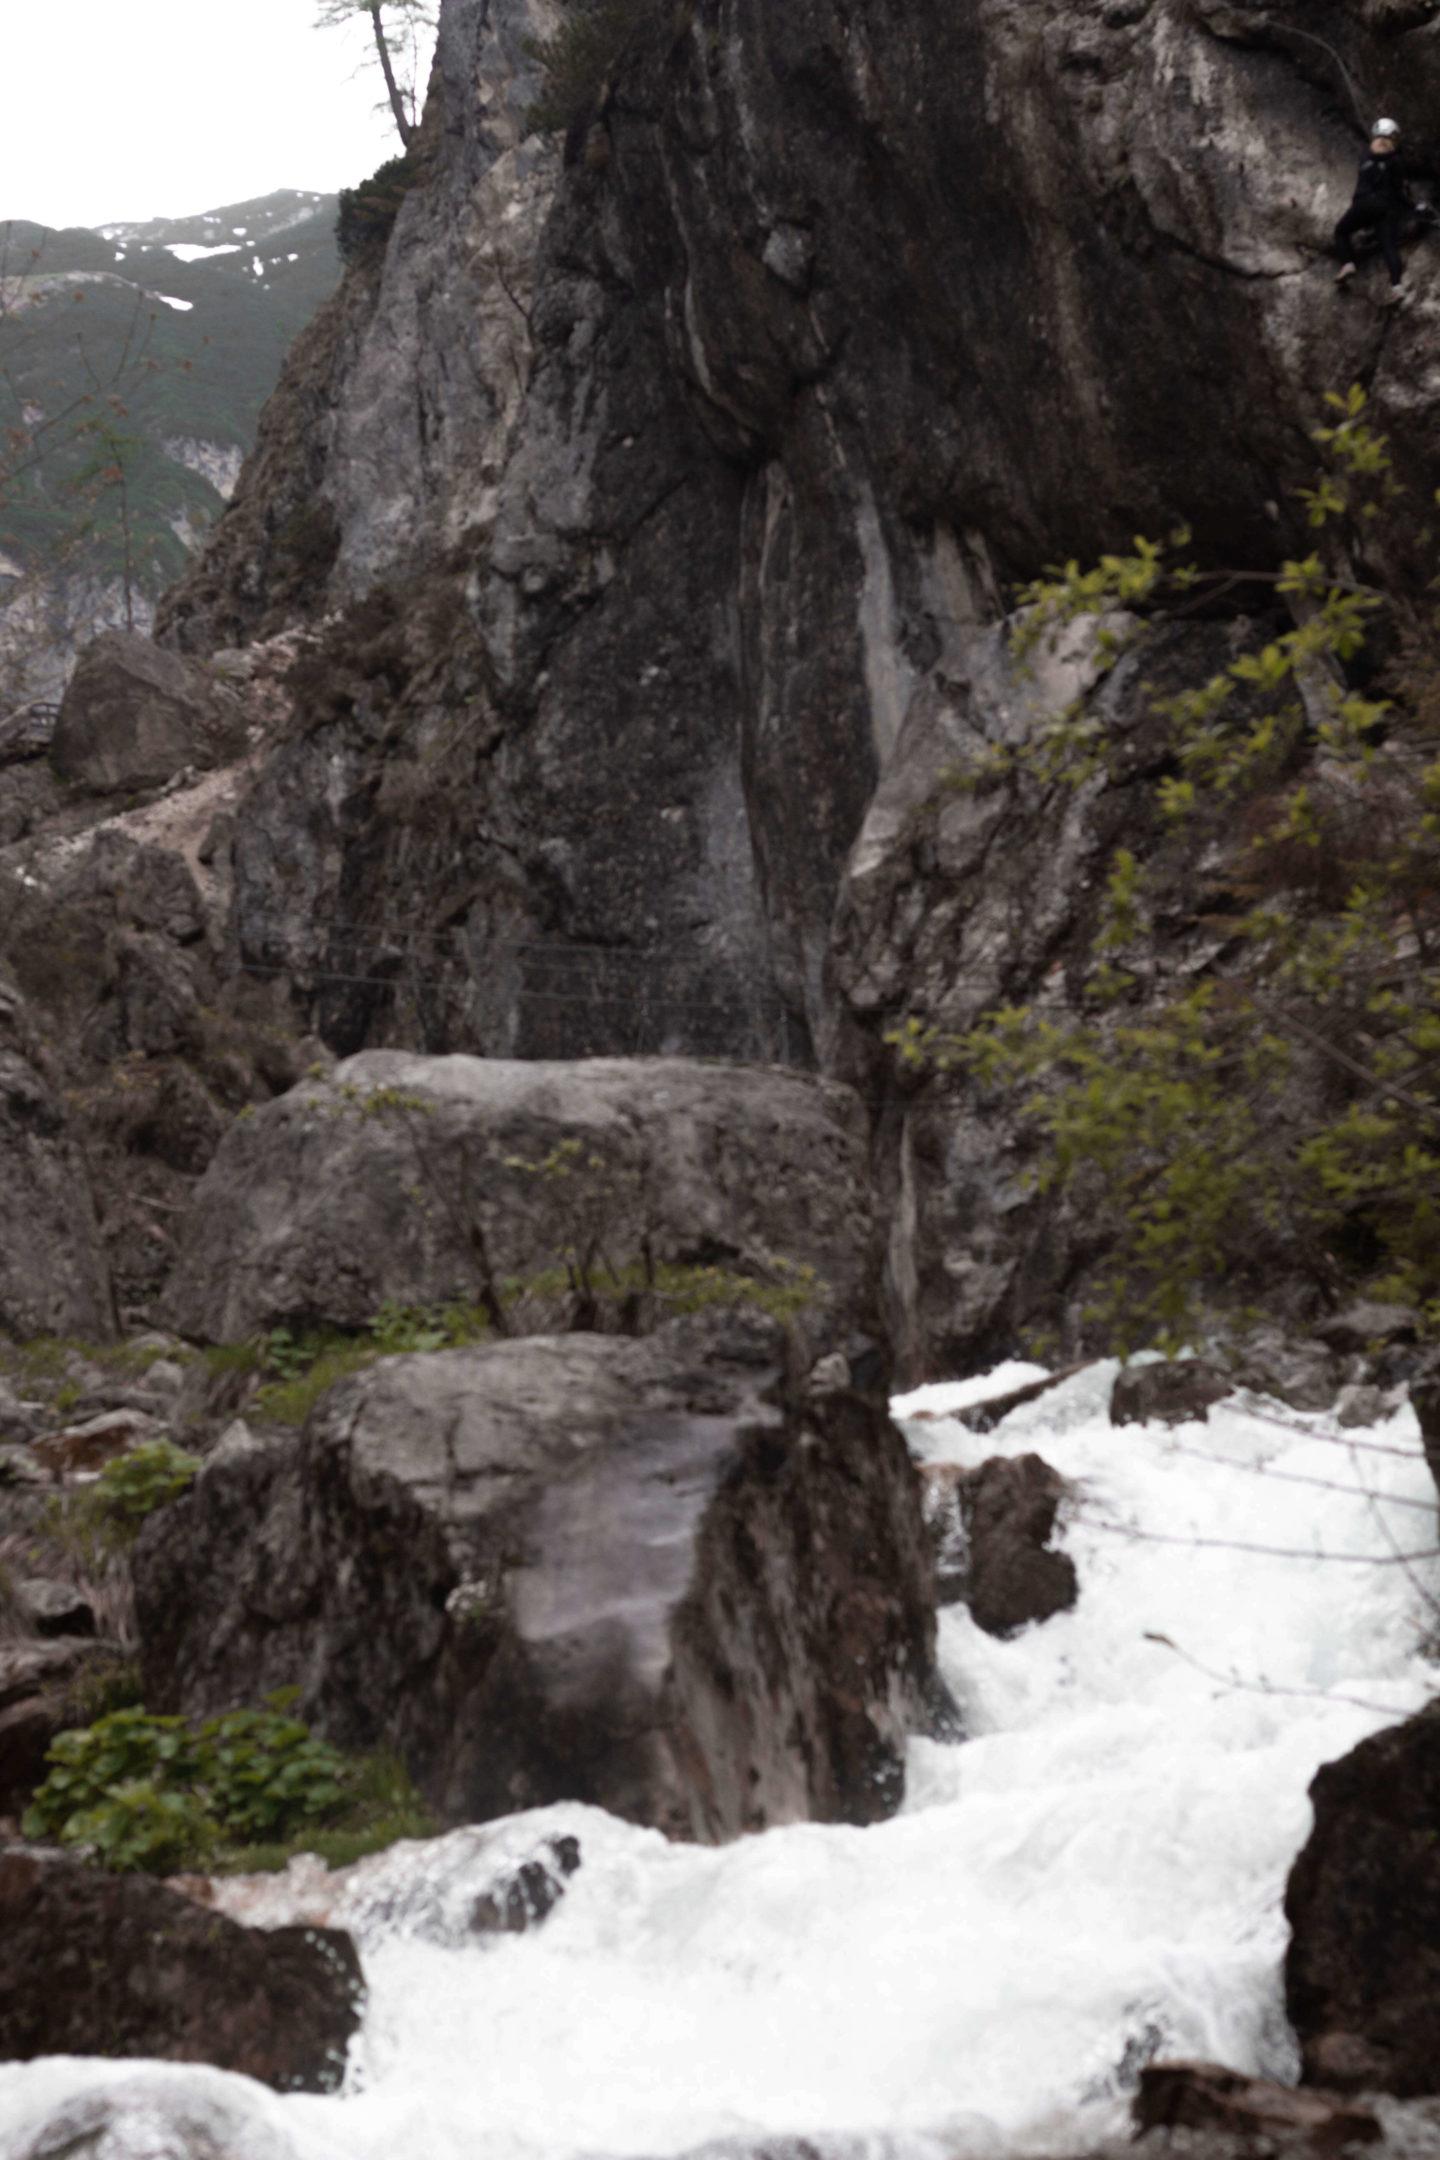 Silberkarklamm-Ramsau am Dachstein- Schladming-Dein HomeSpa- Food & Wohlfühlblog aus dem Mostviertel